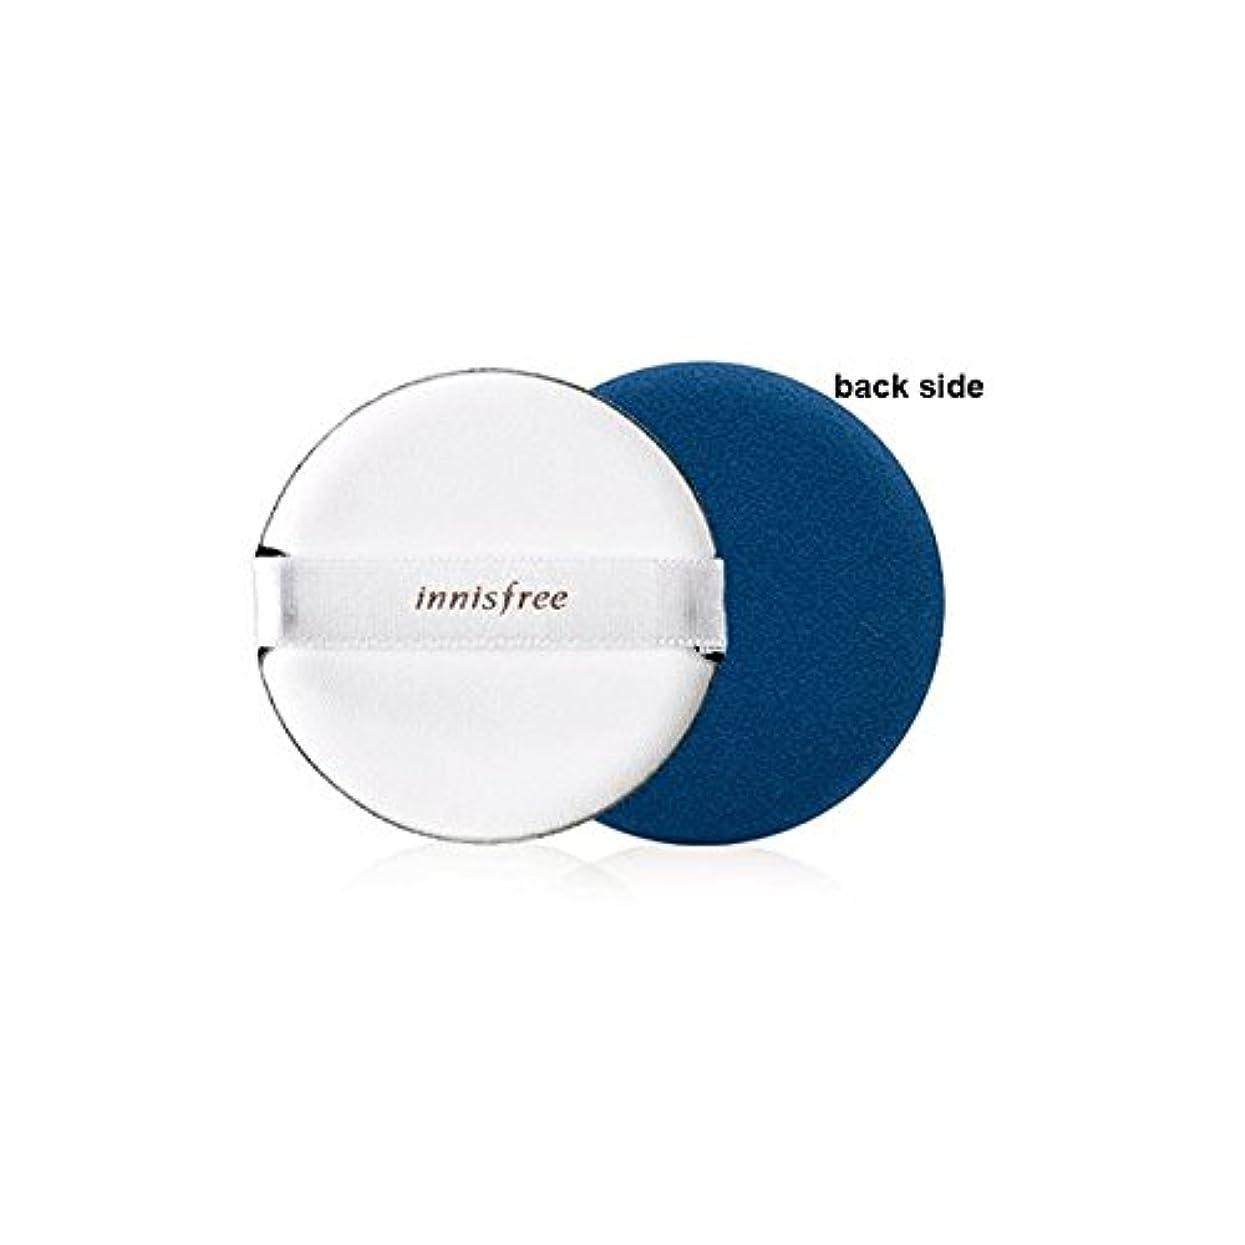 ペニー感謝保険をかける[イニスプリー] Innisfree エアマジックパフ-グロ [Innisfree] Eco Beauty Tool Air Magic Puff-Glow [海外直送品]